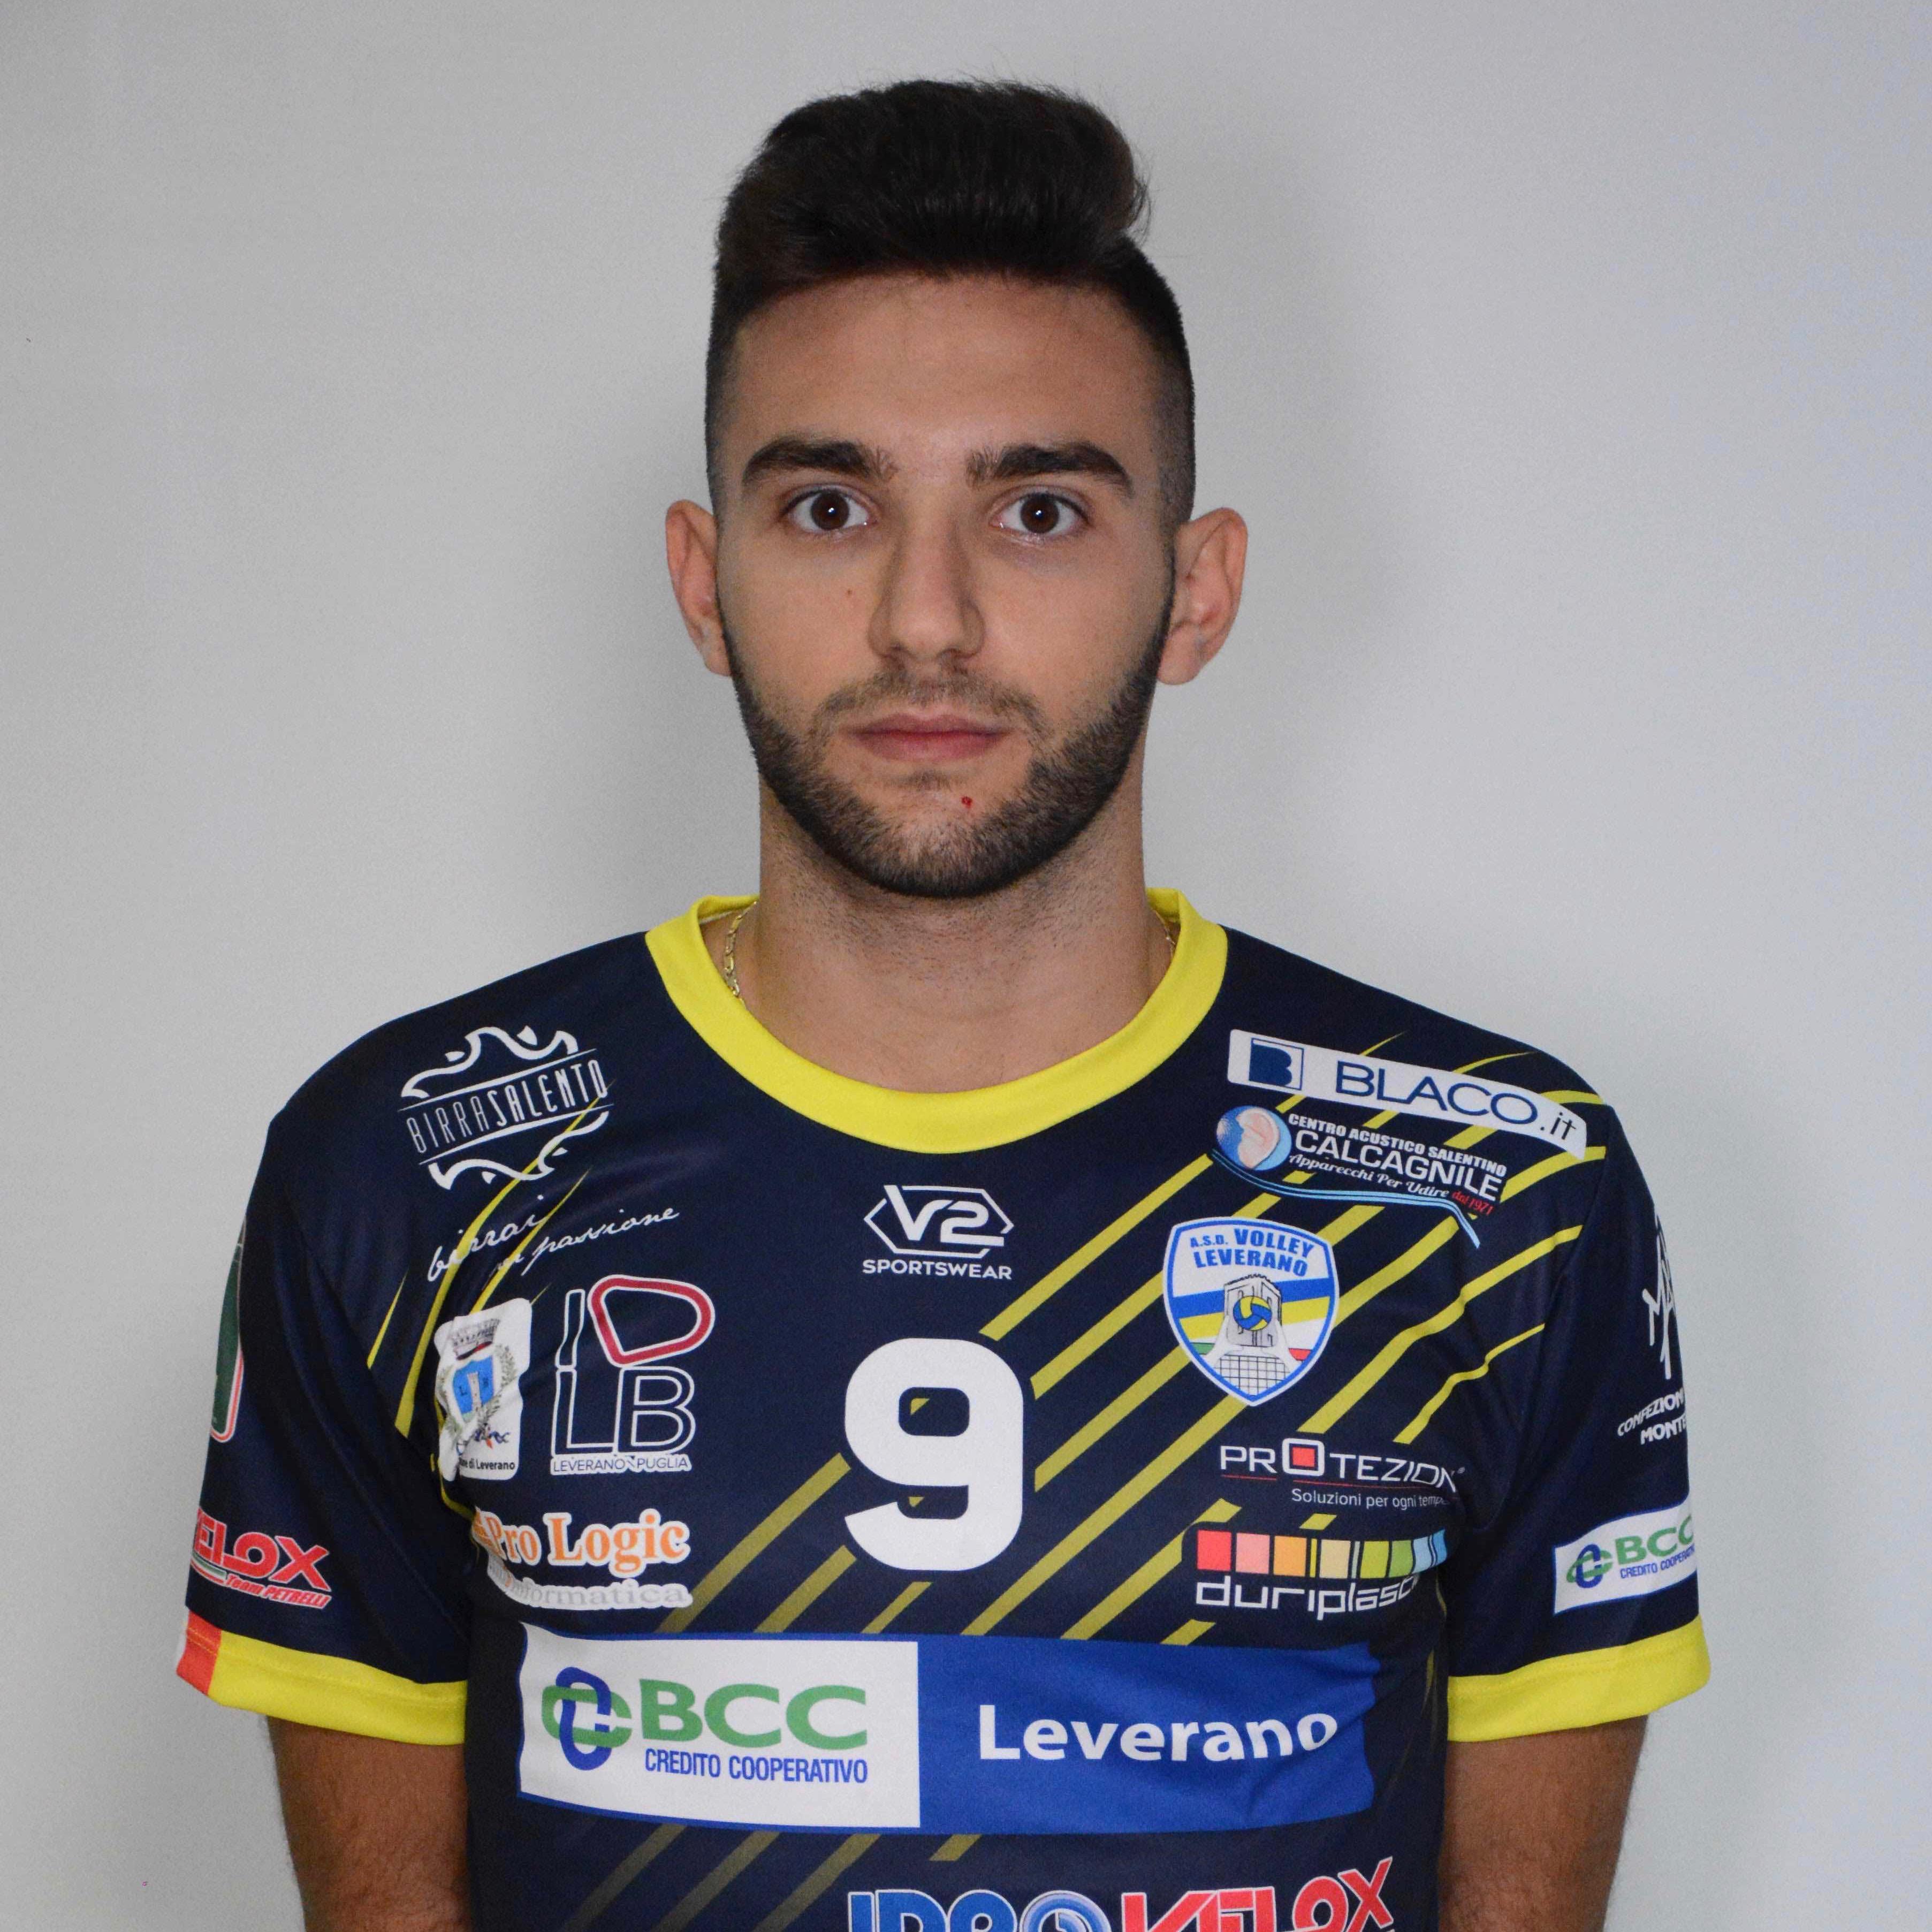 Damiano Catania